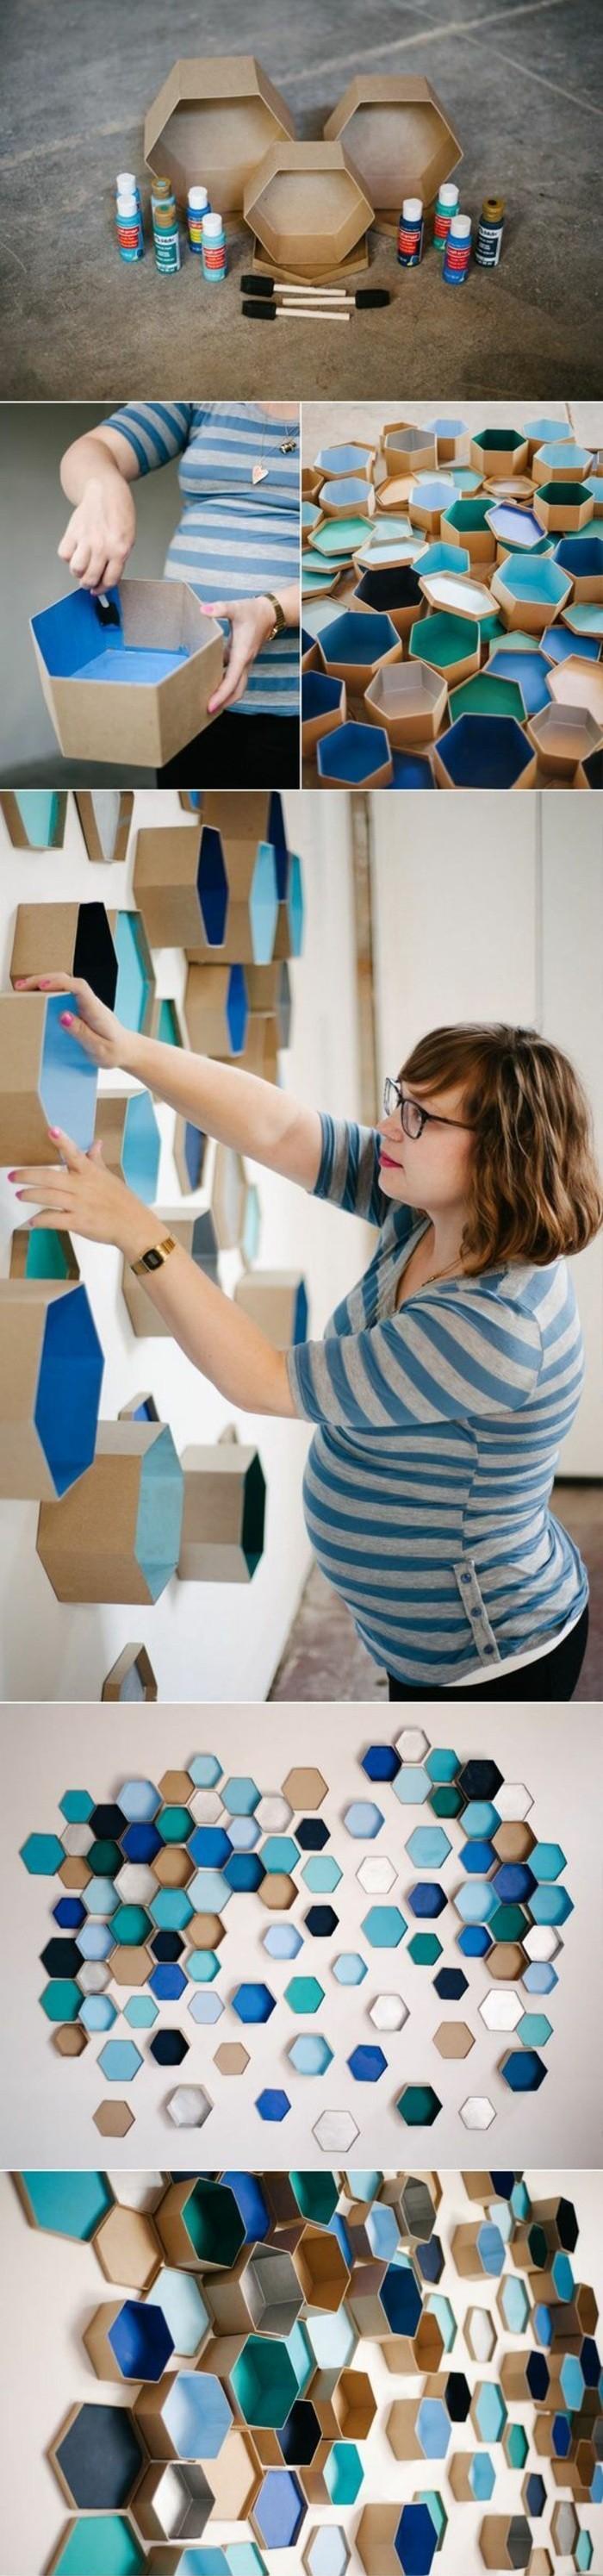 como hacer una decoración bonita para la pared, cajas de cartón pintadas en colores bonitos